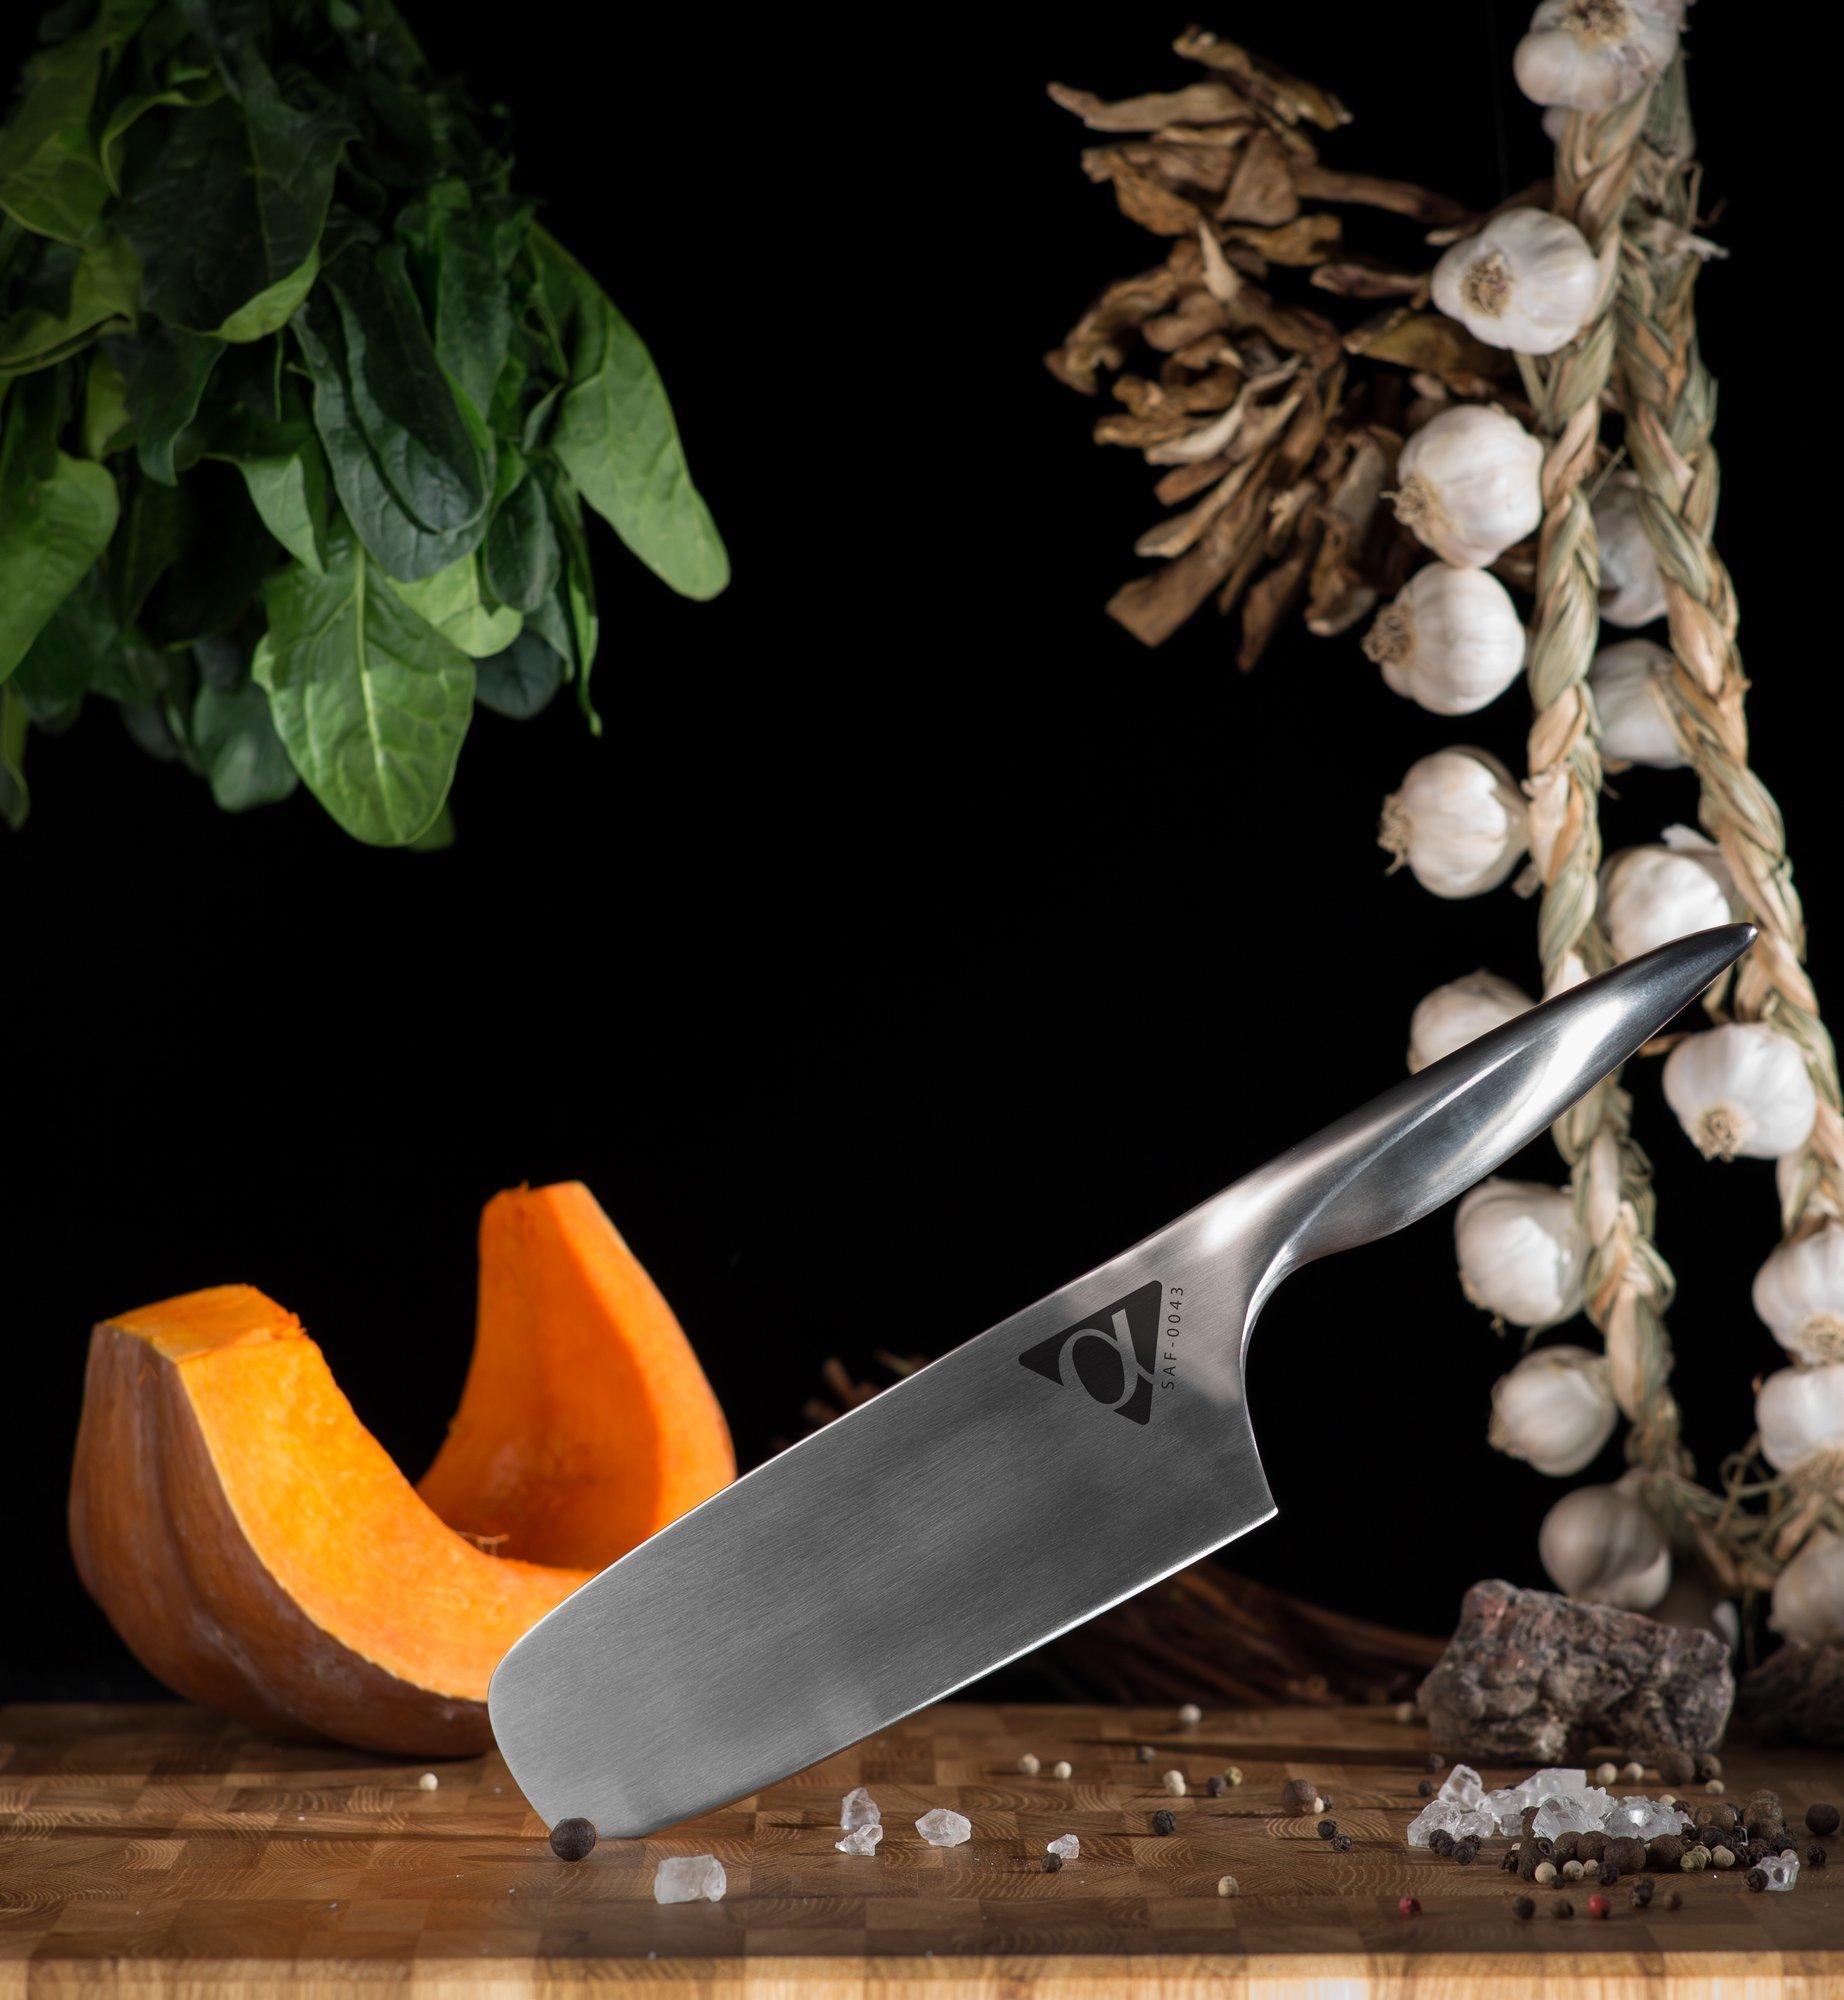 Фото 3 - Кухонный нож Накири Samura ALFA SAF-0043/Y, сталь AUS-10